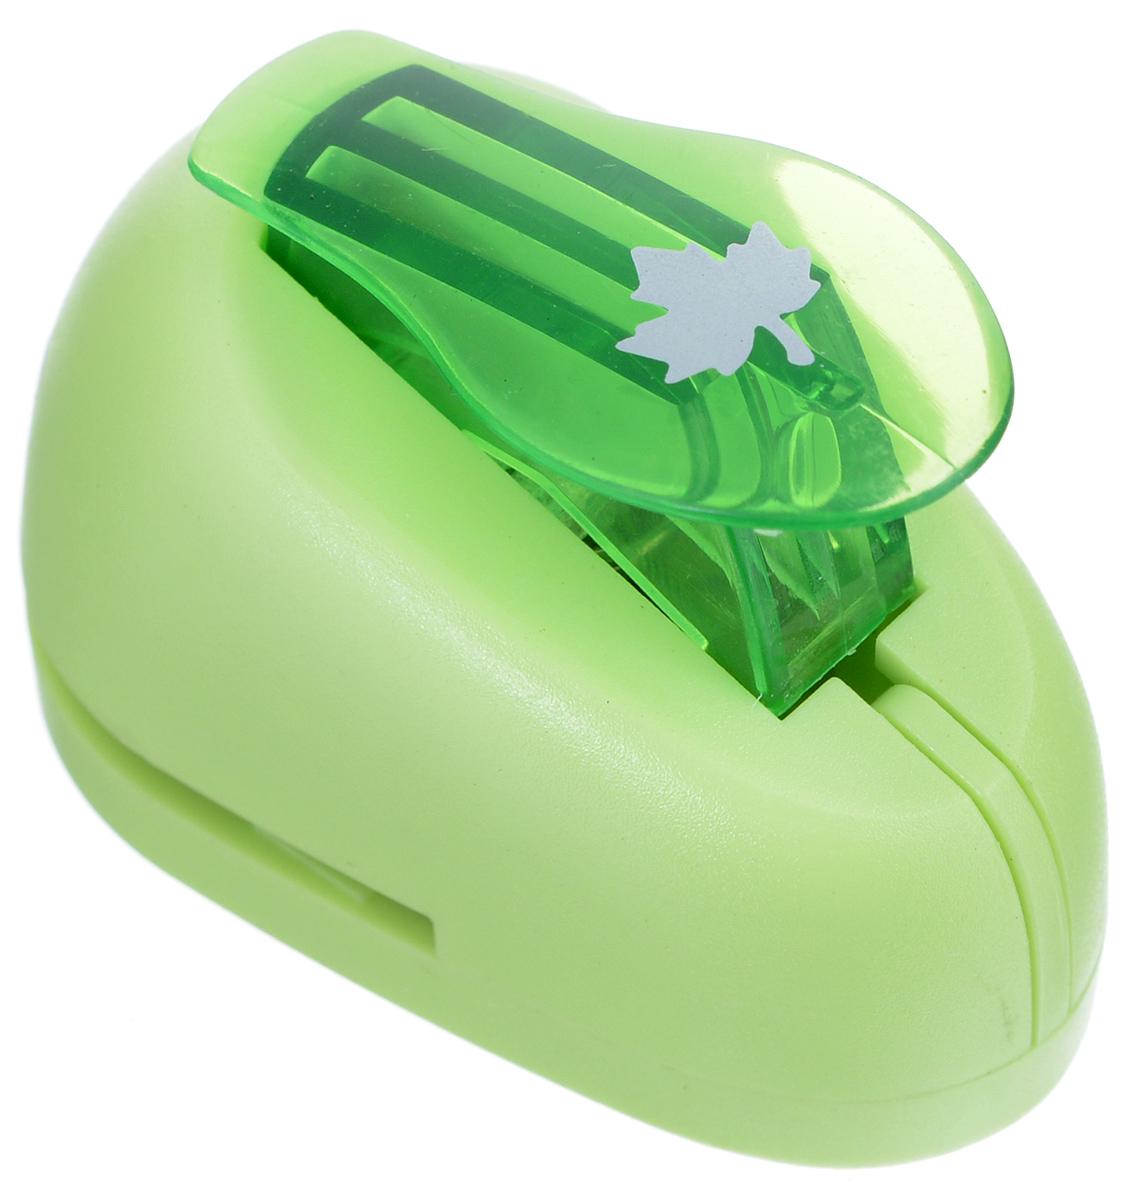 Дырокол фигурный Hobbyboom Кленовый лист, №66, цвет: зеленый, 1 смC13S041944Дырокол фигурный используется в скрапбукинге, для украшения открыток, карточек, коробочек и т.д. Рисунок прорези указан на ручке дырокола.Используется для прорезания фигурных отверстий в бумаге. Вырезанный элемент также можно использовать для украшения.Предназначен для бумаги определенной плотности - до 140 г/м2. При применении на бумаге большей плотности или на картоне, дырокол быстро затупится. Чтобы заточить нож компостера, нужно прокомпостировать самую тонкую наждачку. Чтобы смазать режущий механизм - парафинированнную бумагу.Размер готовой фигурки: 1 см.